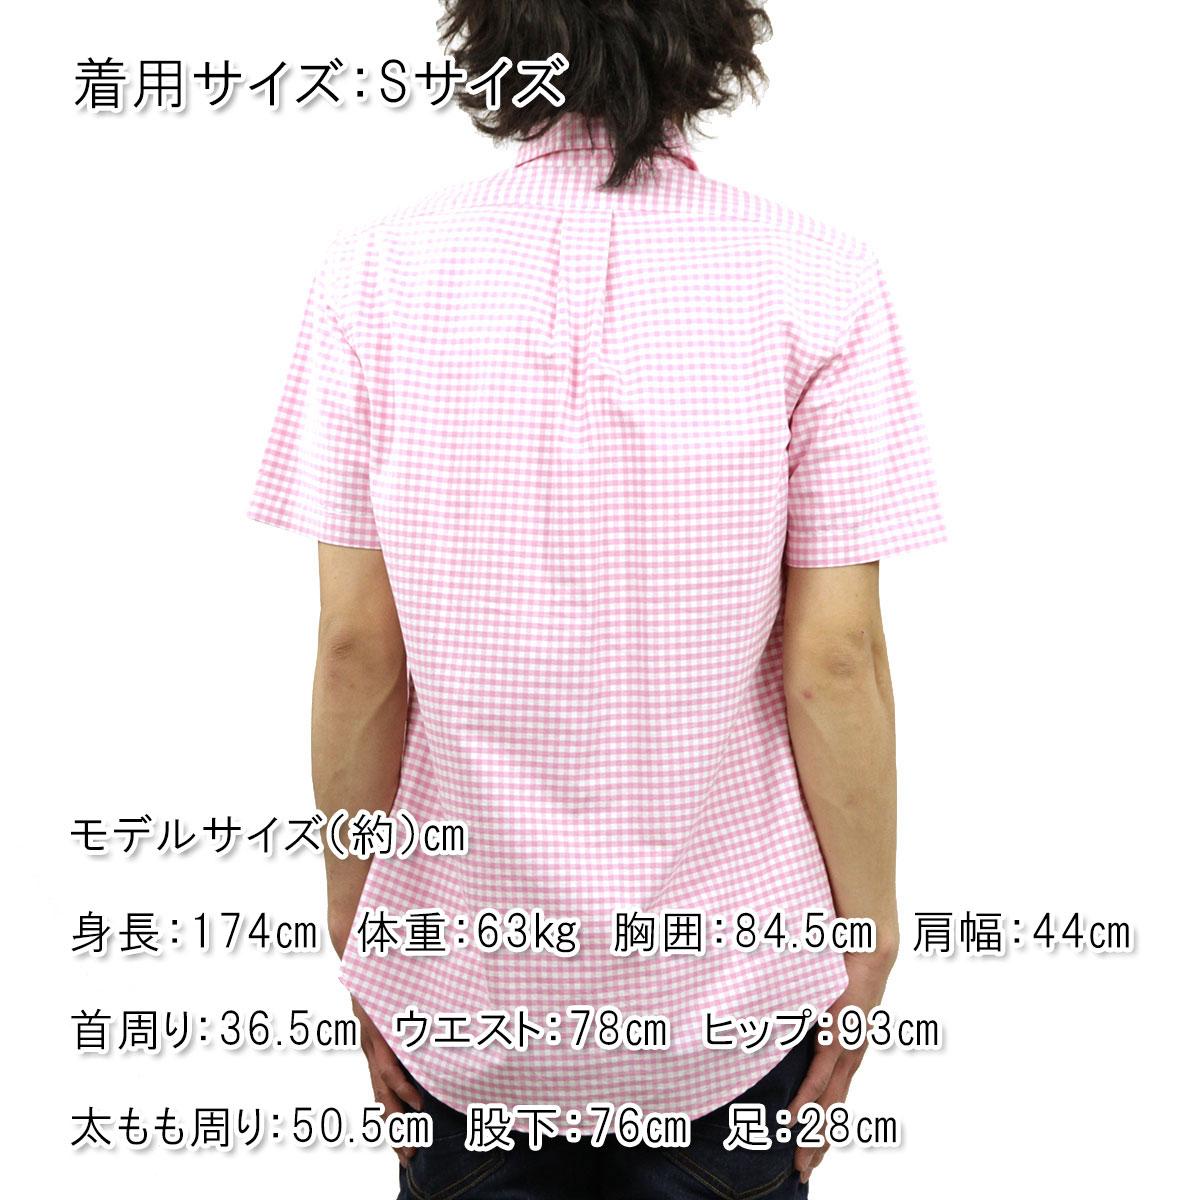 c2238a26 Polo Ralph Lauren shirt men's regular article POLO RALPH LAUREN short  sleeves shirt button-down shirt Custom-Fit Short-Sleev